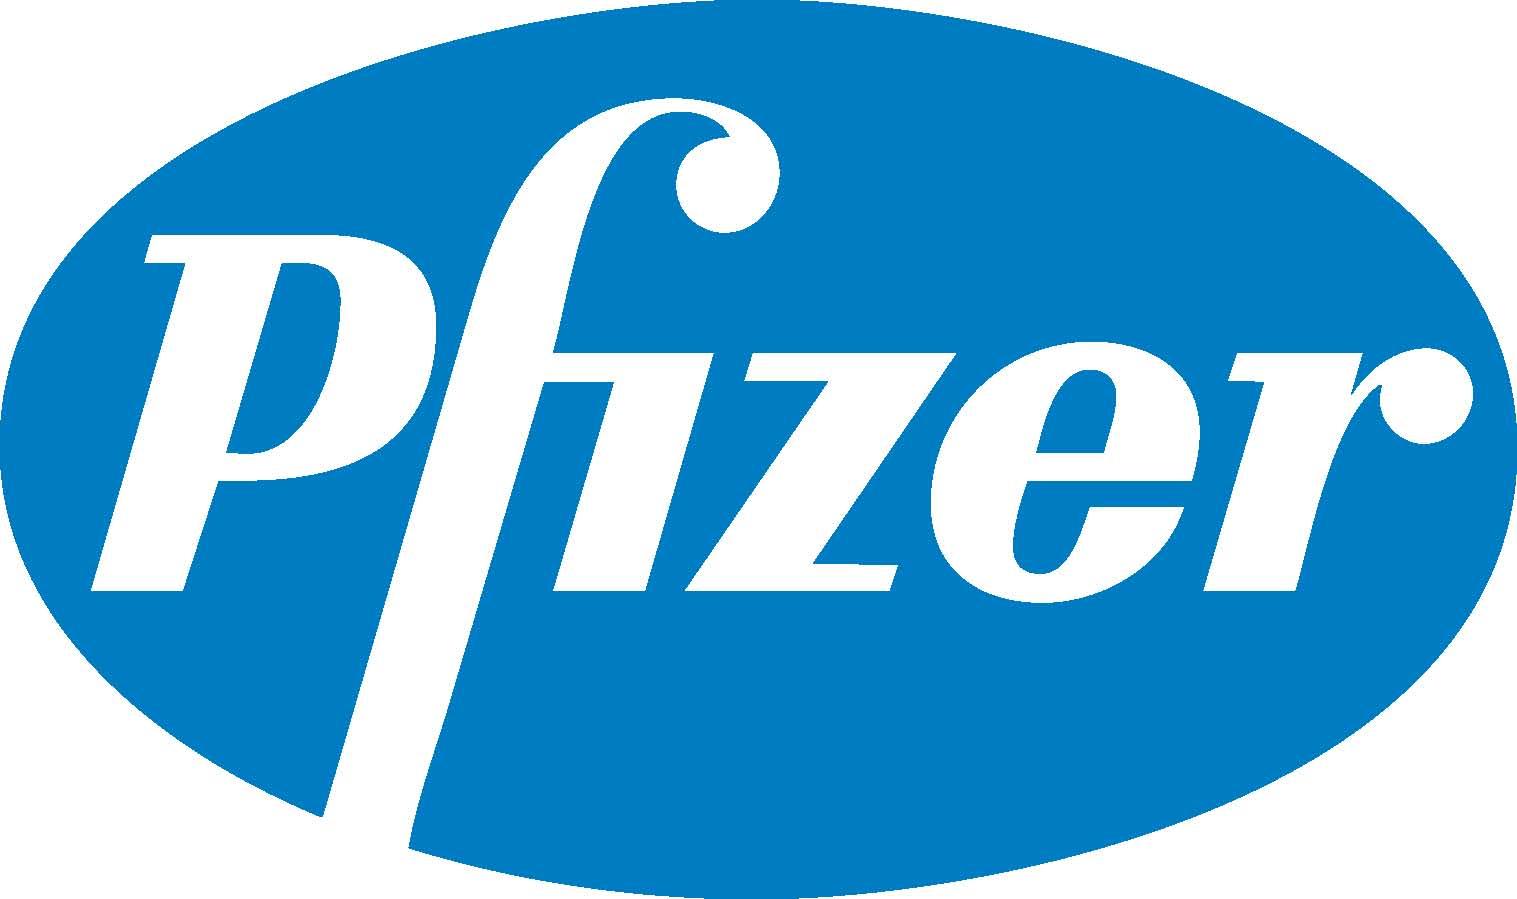 Logo pfizer free image